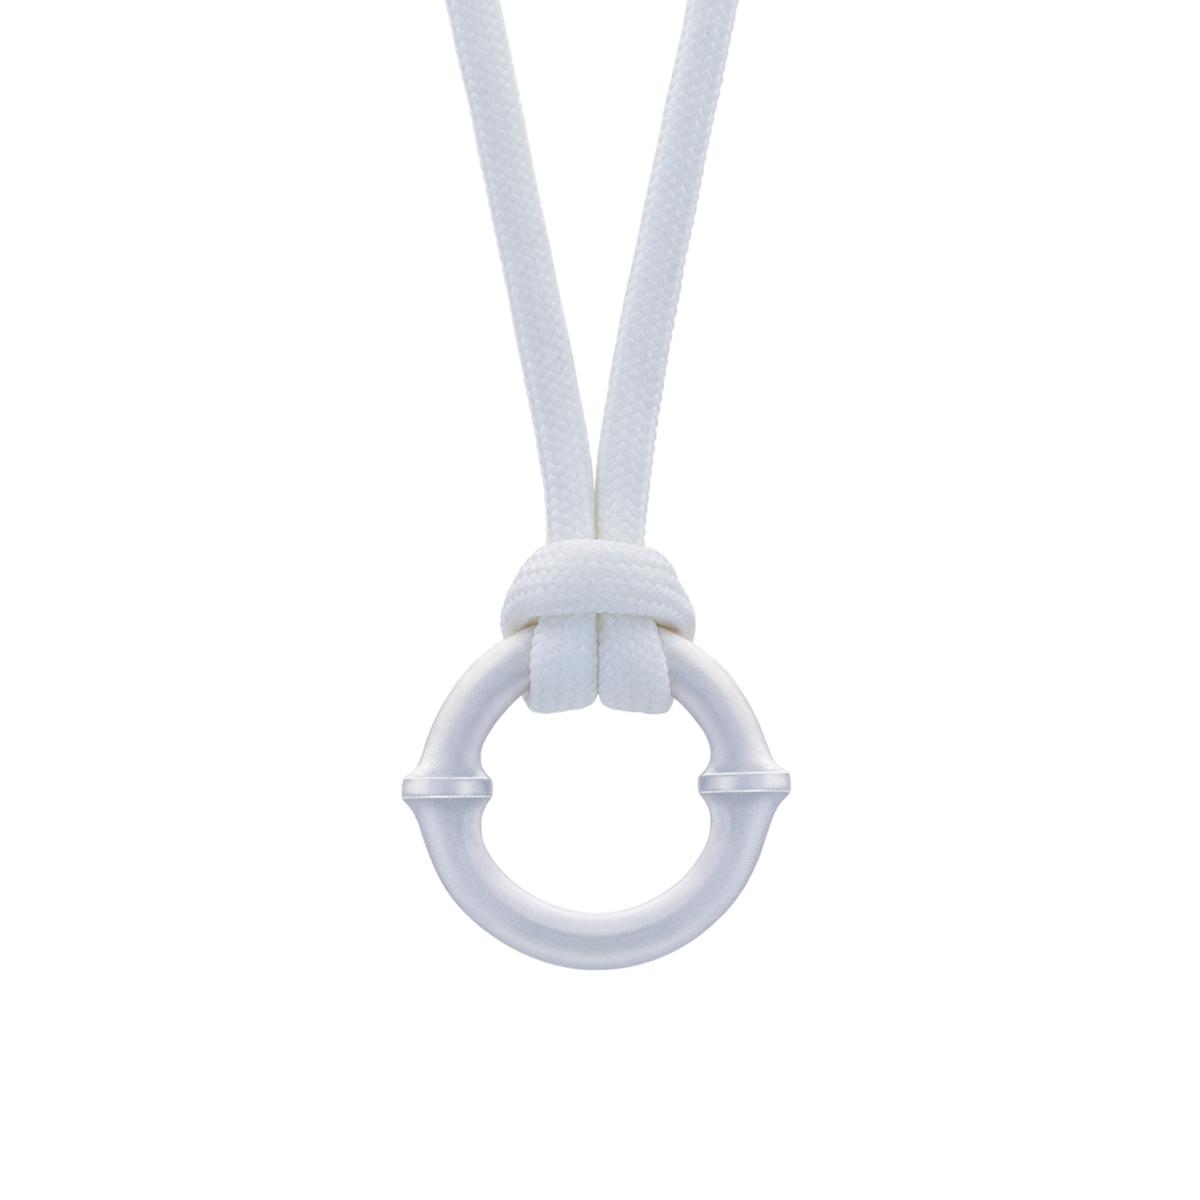 IOTA NECKALE / GLASSES HOLDER - WHITE